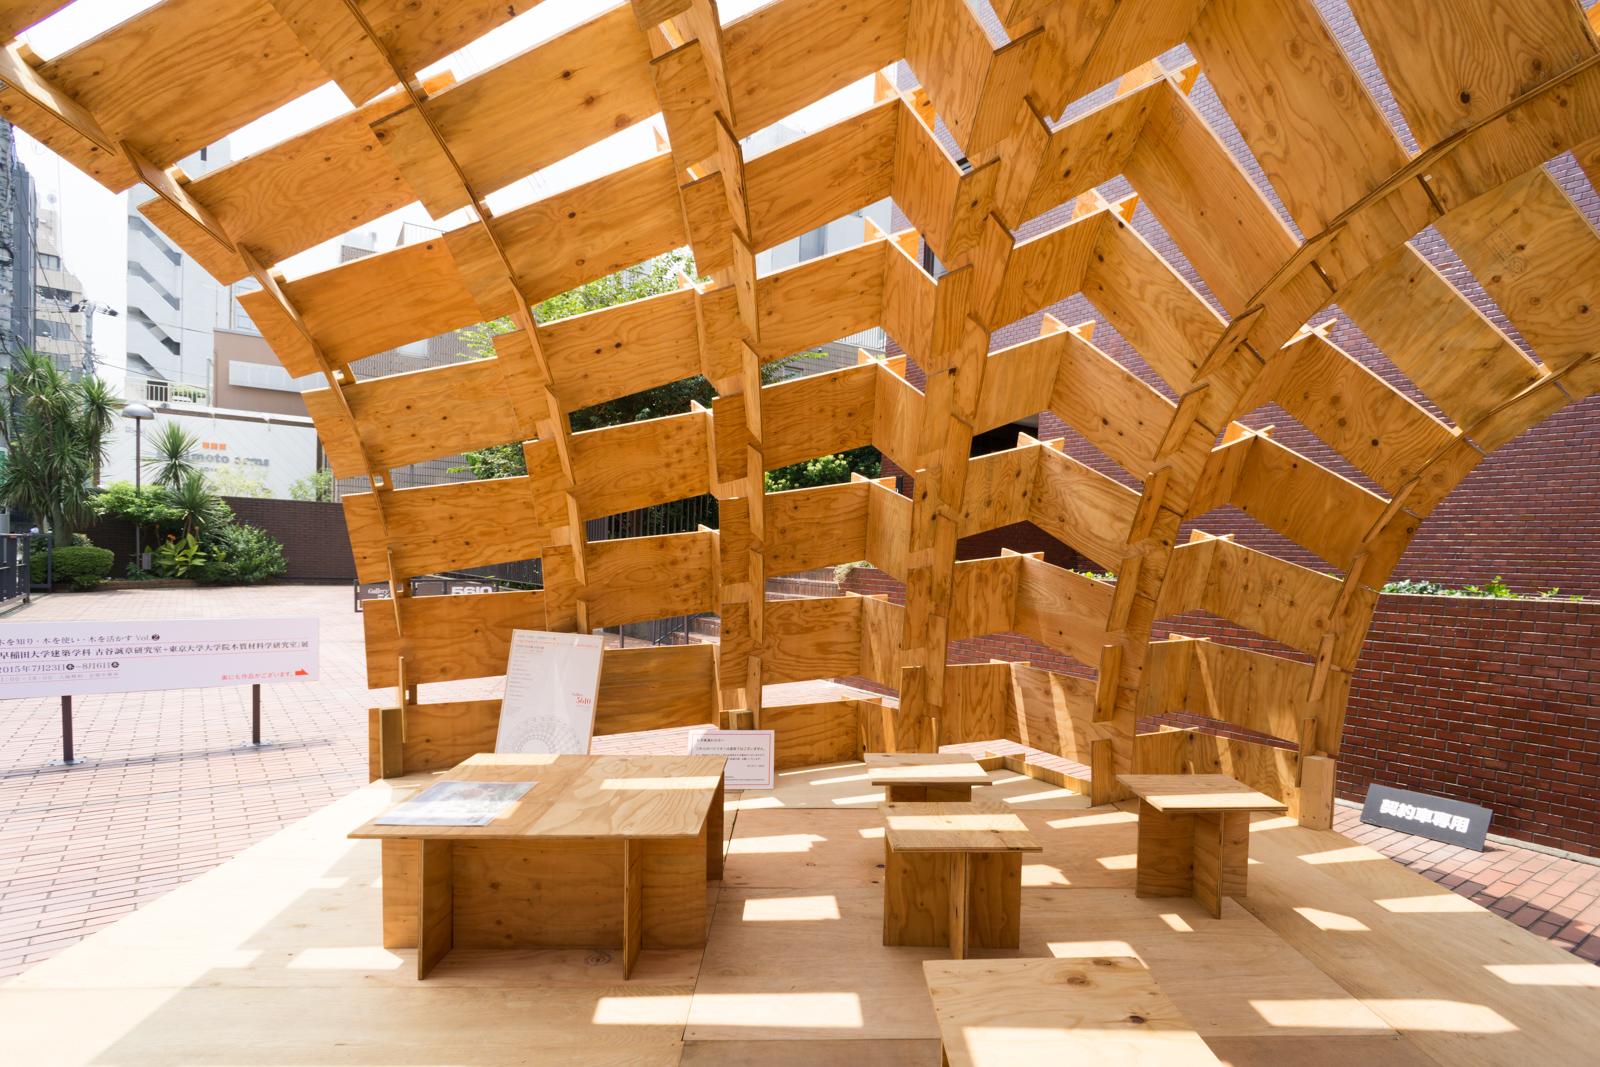 稲山研究室による屋外展示の様子